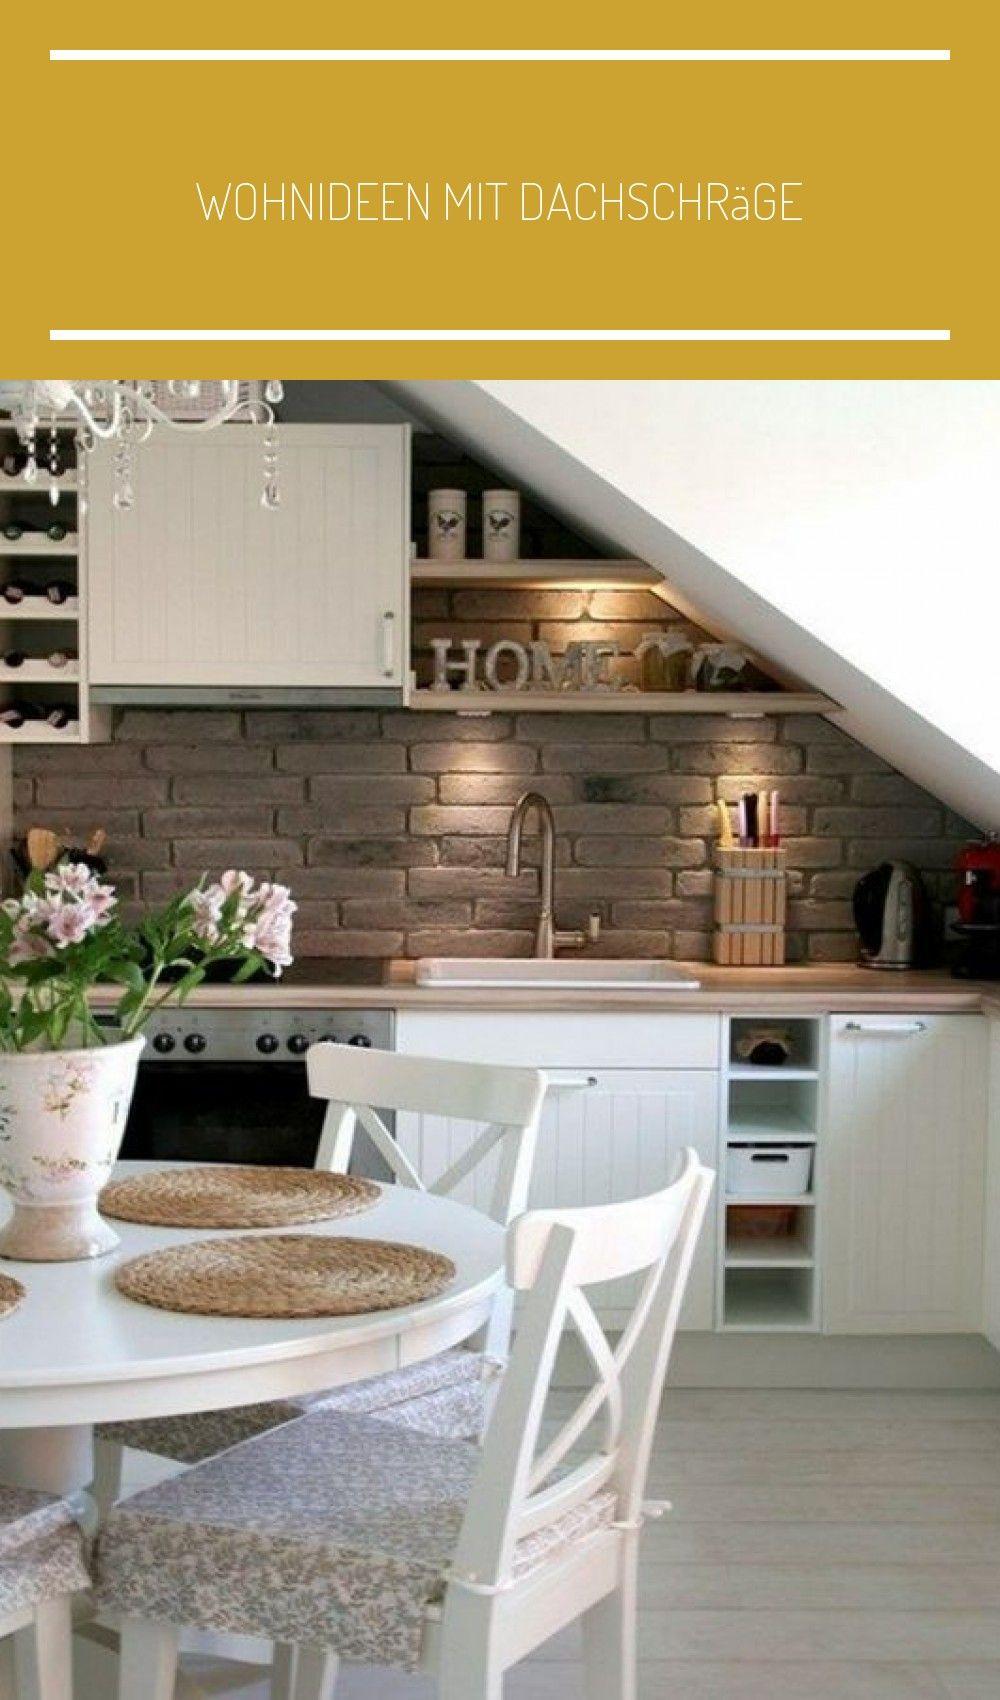 wohnideen mit dachschräge in 2020   küche dachschräge